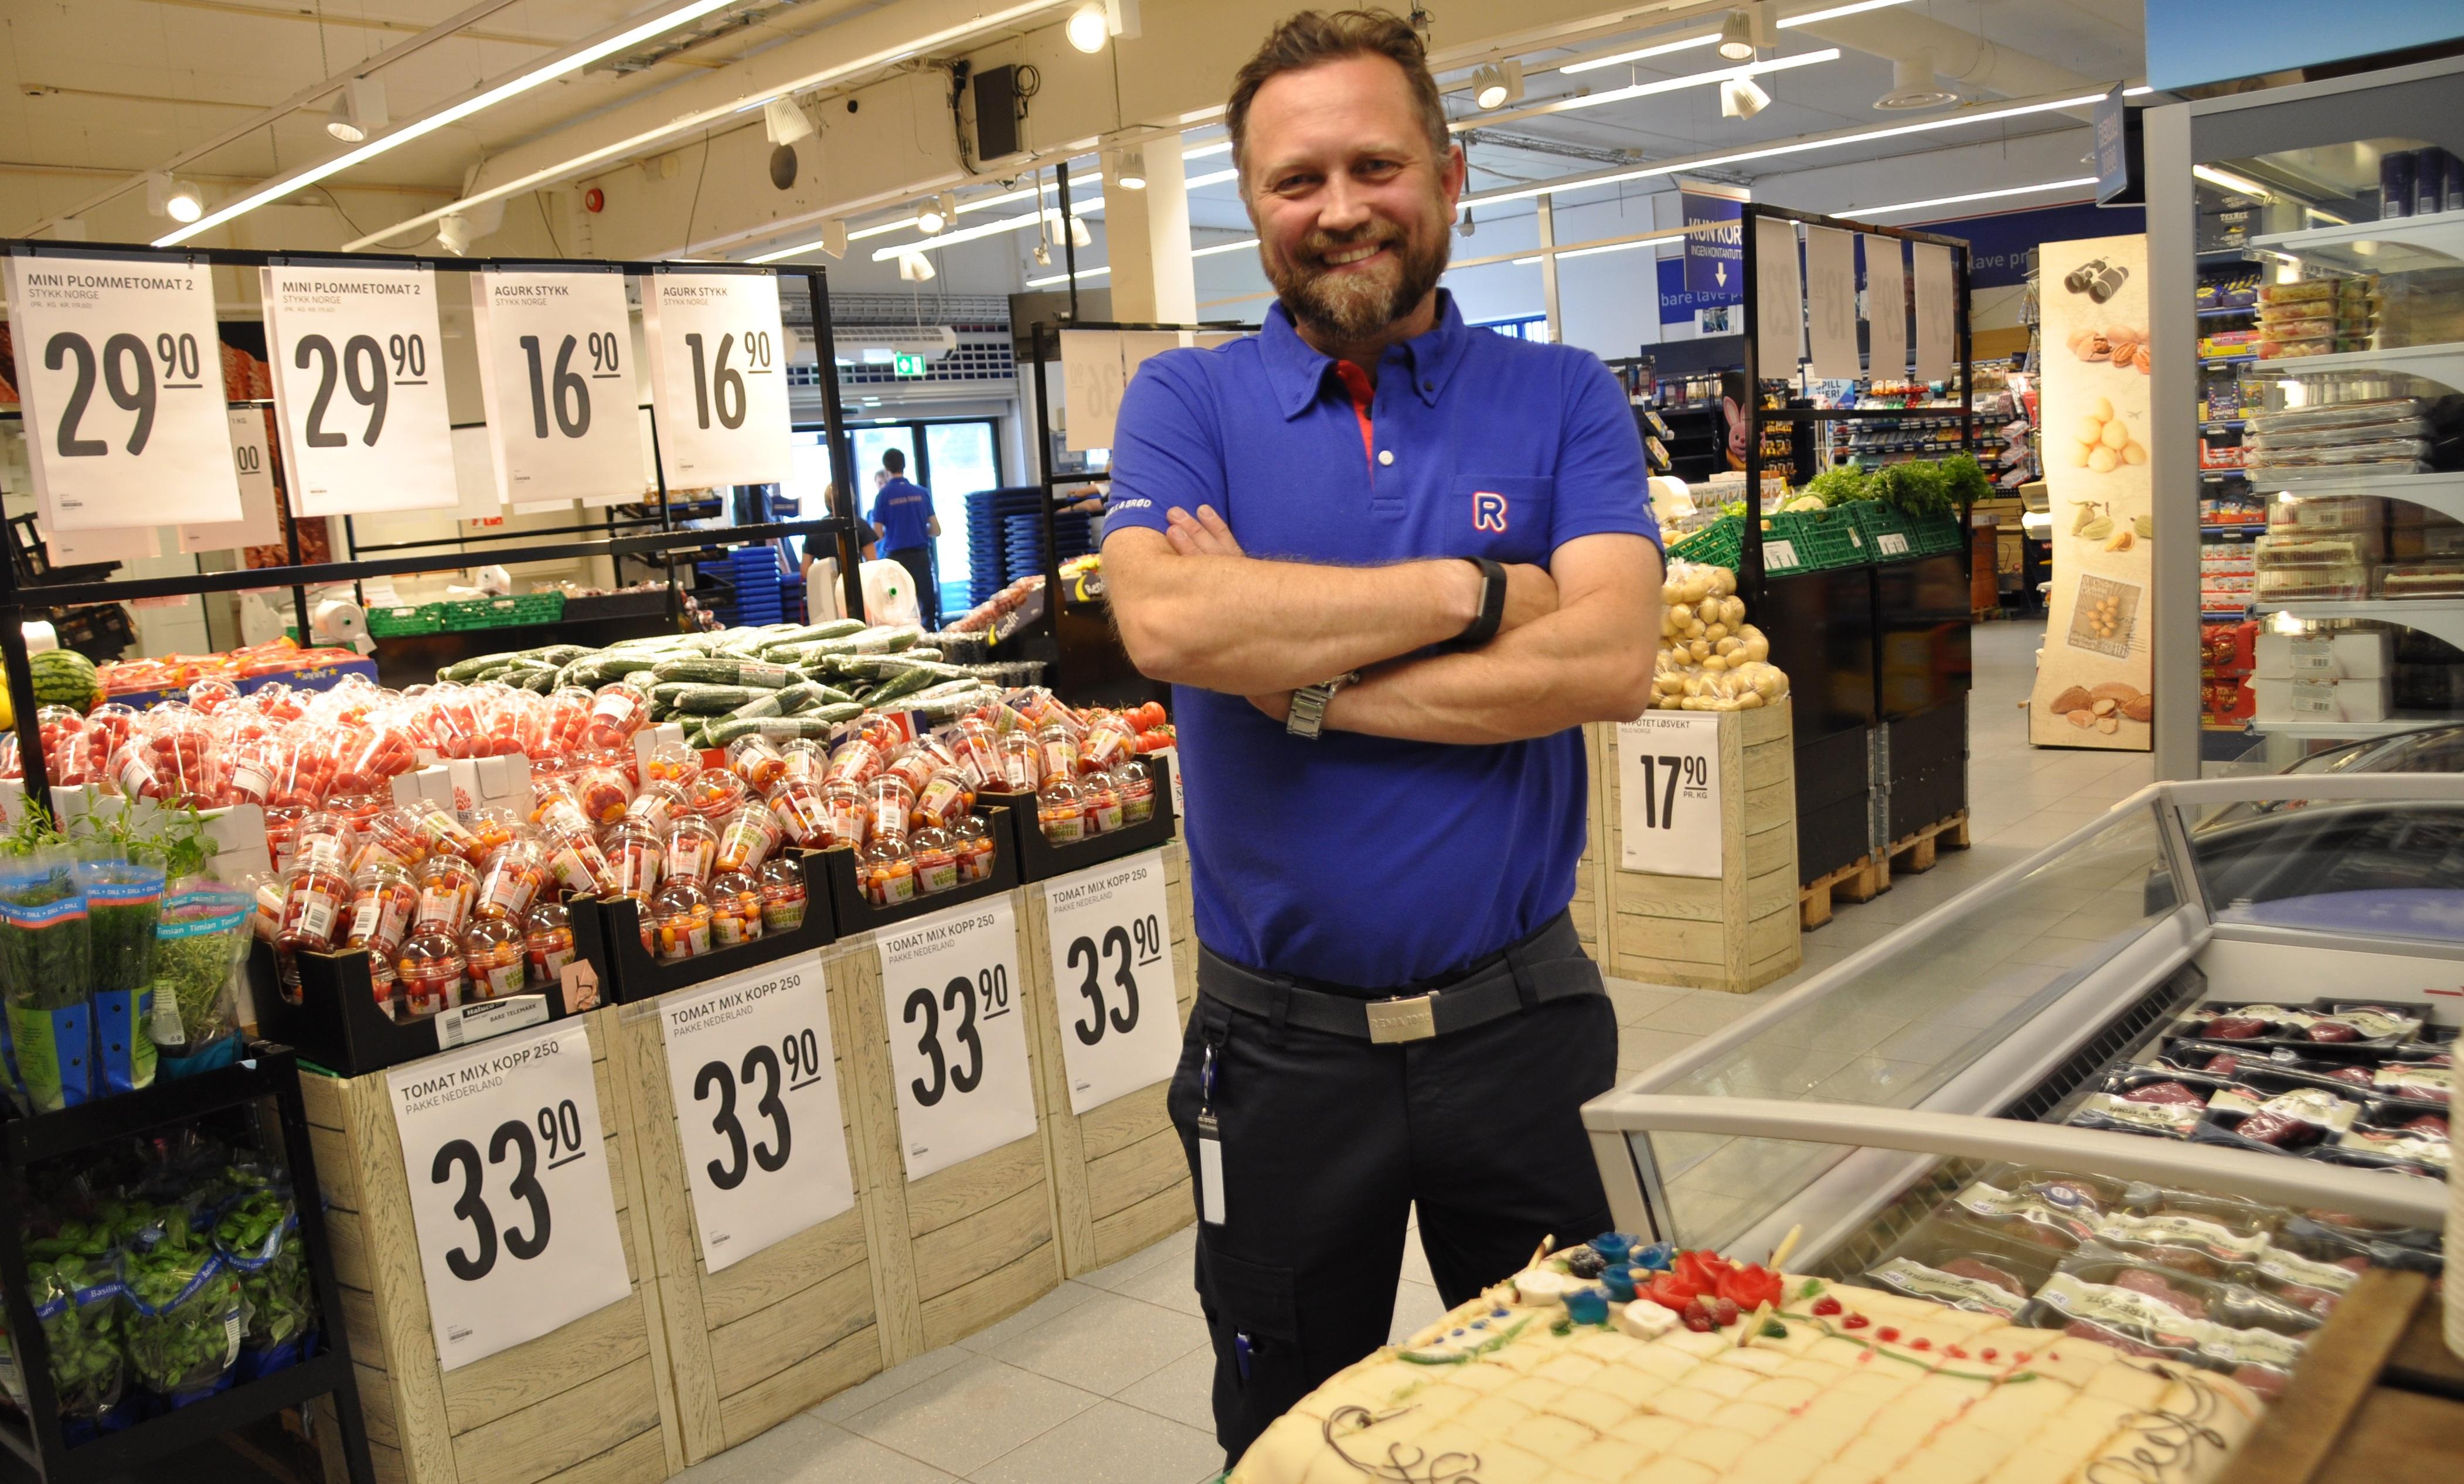 Idag ble Rema-1000 butikken til Stein Lysthaug åpnet etter å ha vært stengt